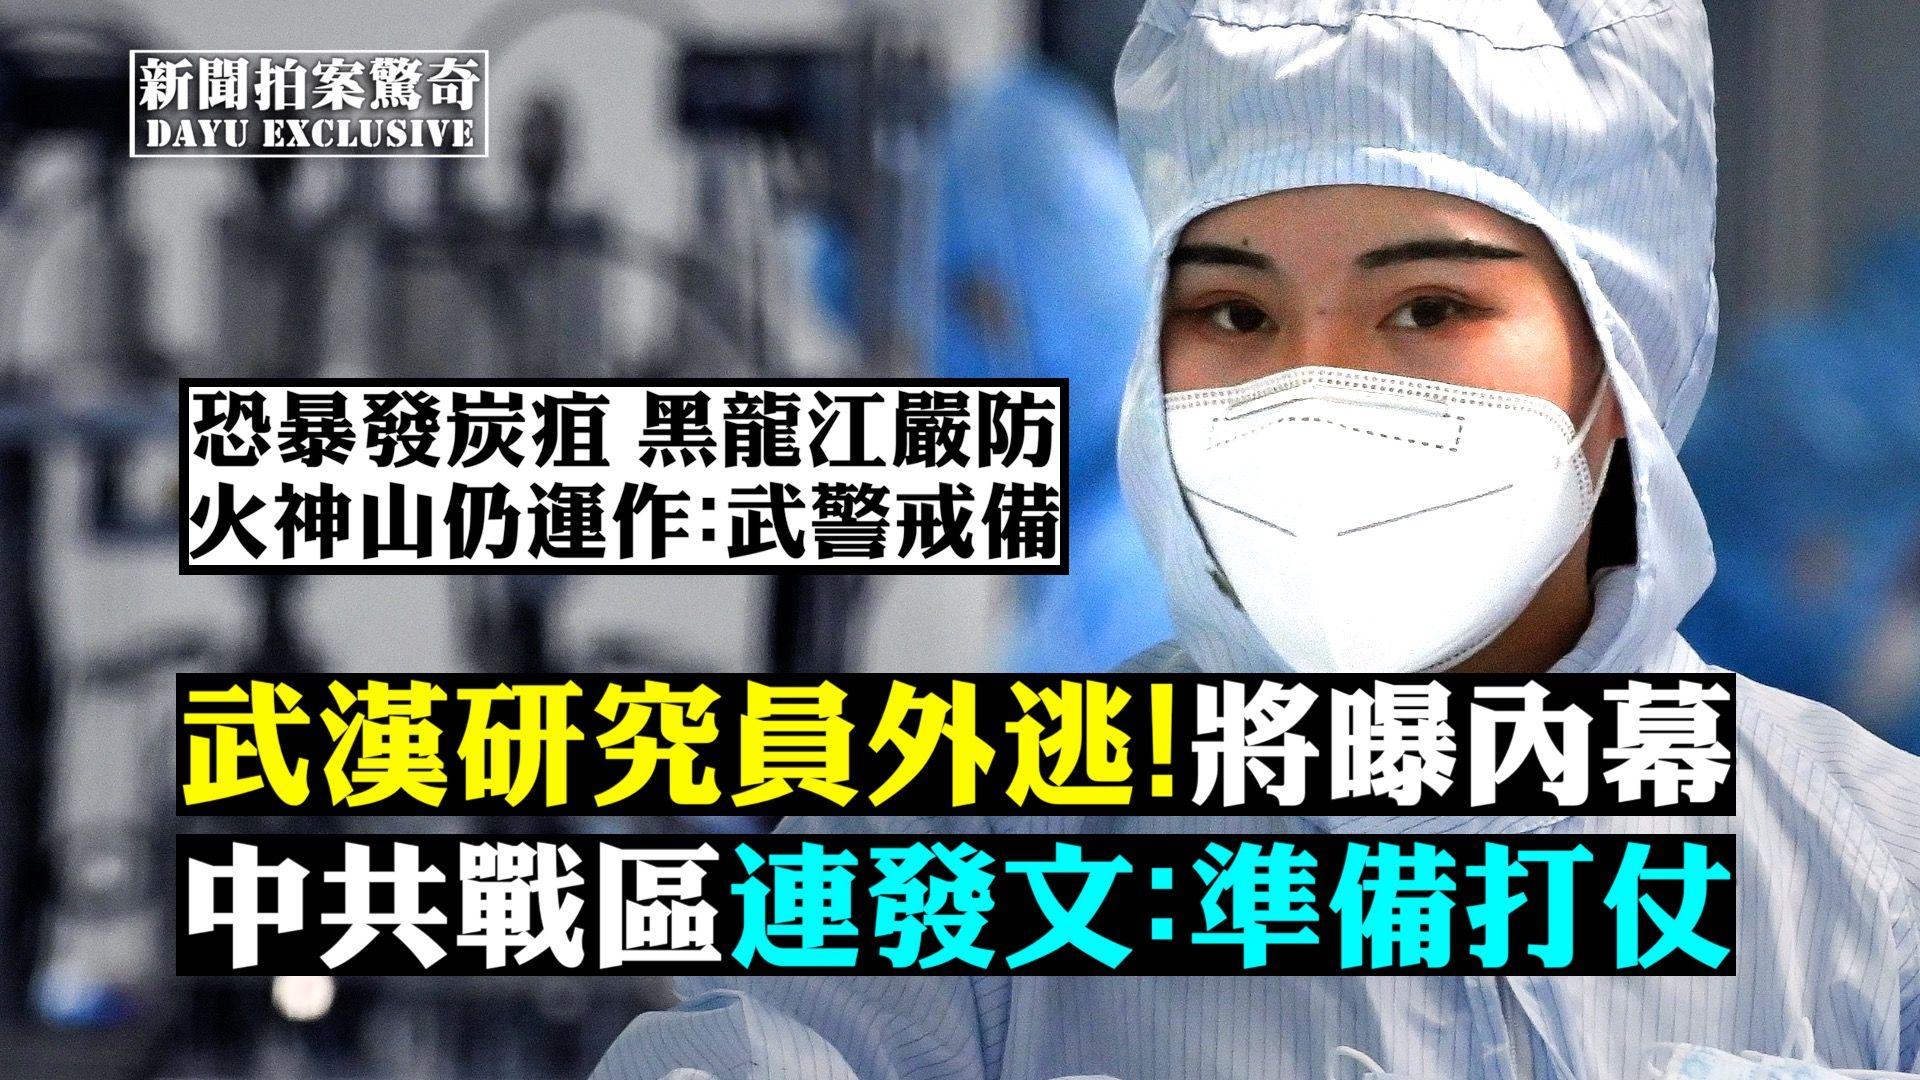 班農說,一名武漢P4實驗室的高級研究員出逃,會在幾天內公開曝光他所掌握的,有關病毒的真相。(新唐人合成圖)